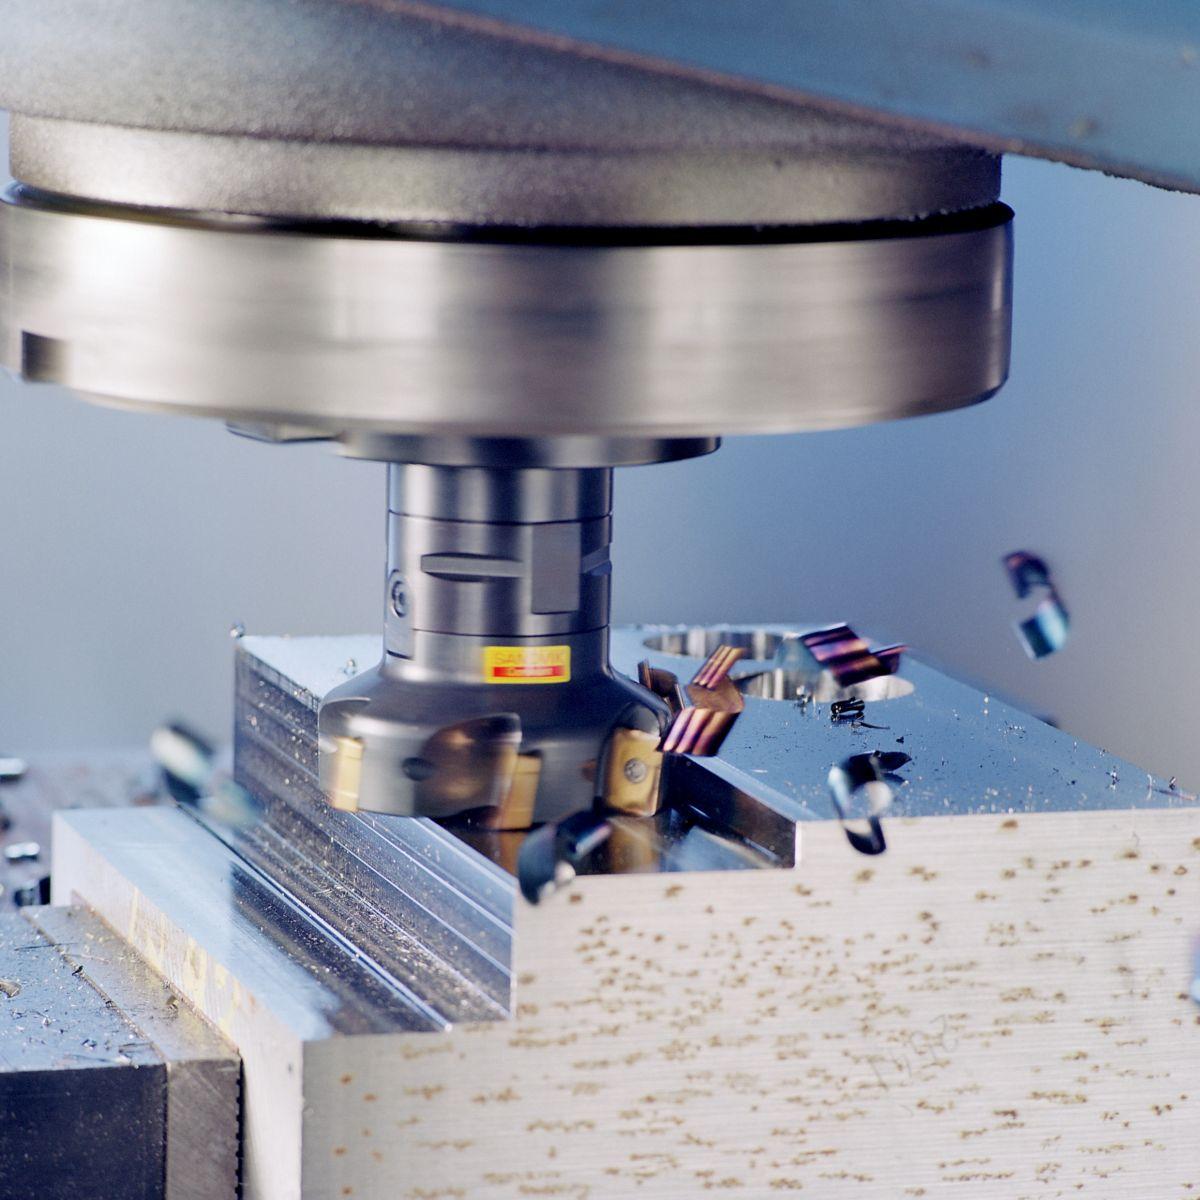 Fräsen bei der Firma SIMON Teilebearbeitung GbR